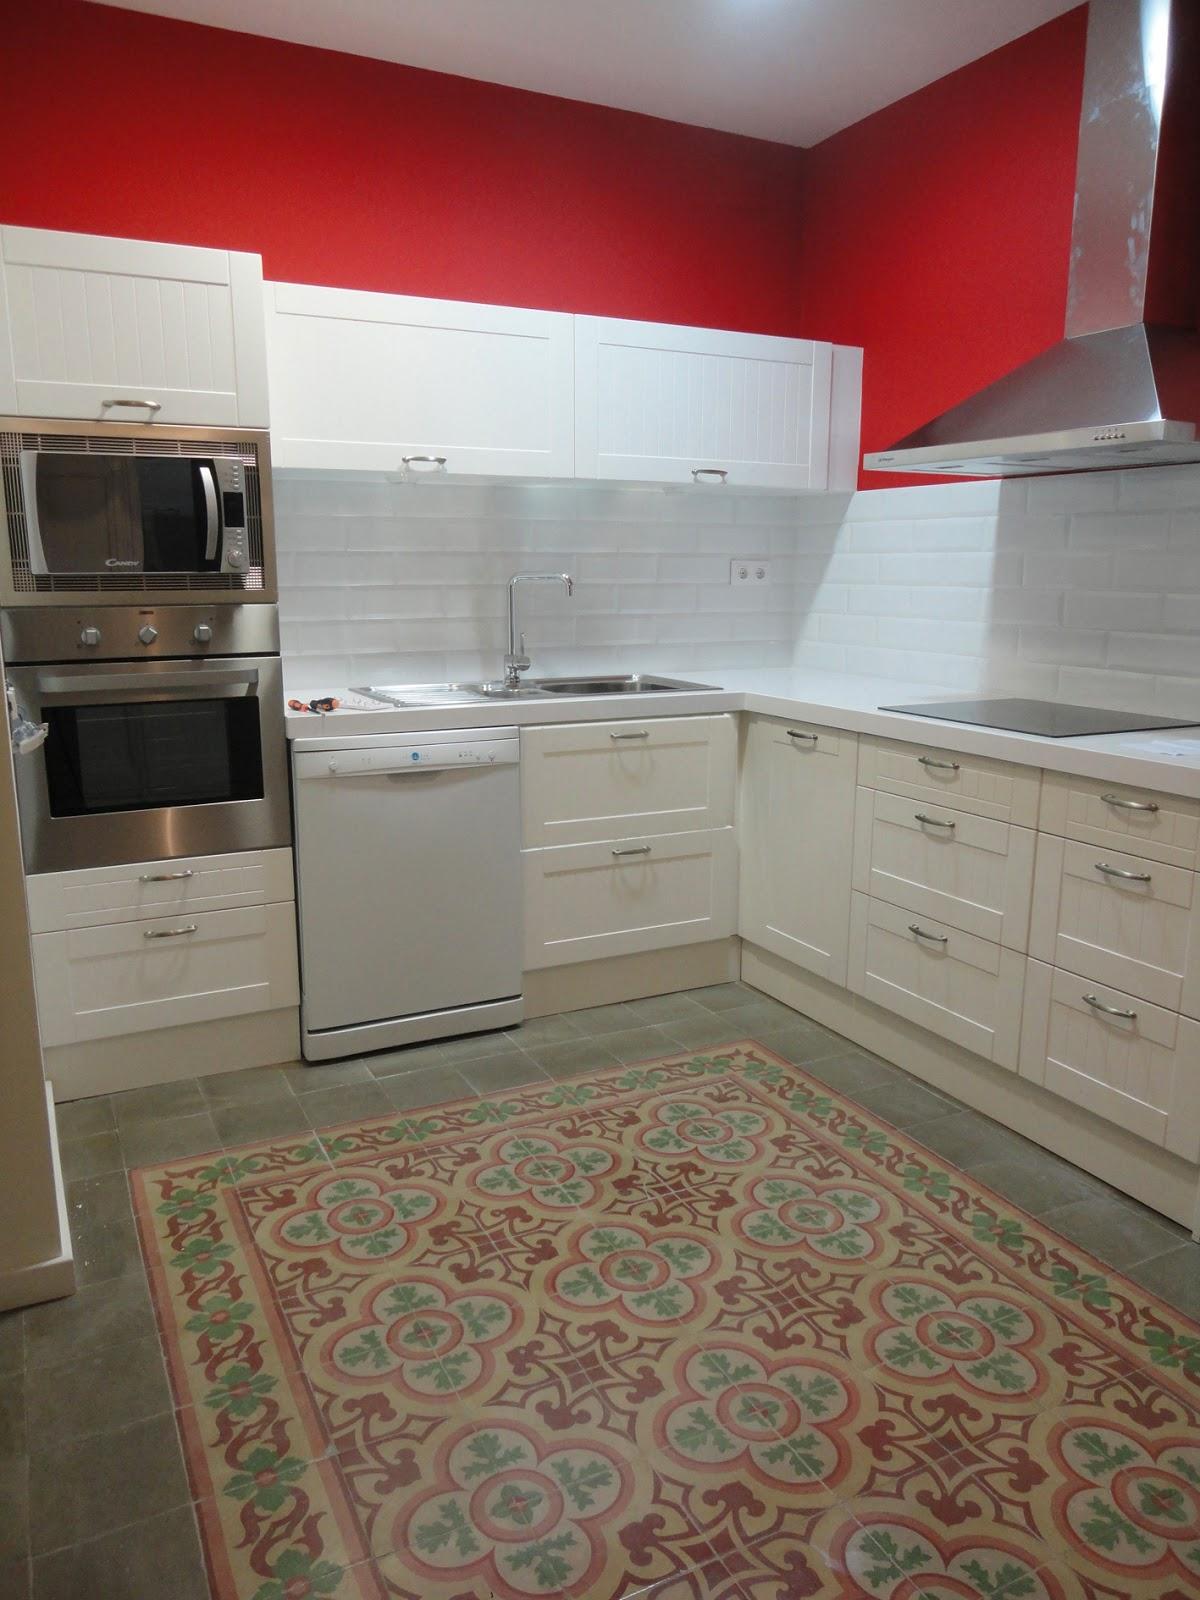 Deco suelo hidr ulico para mi cocina in my kitchen for Suelos de madera para cocinas